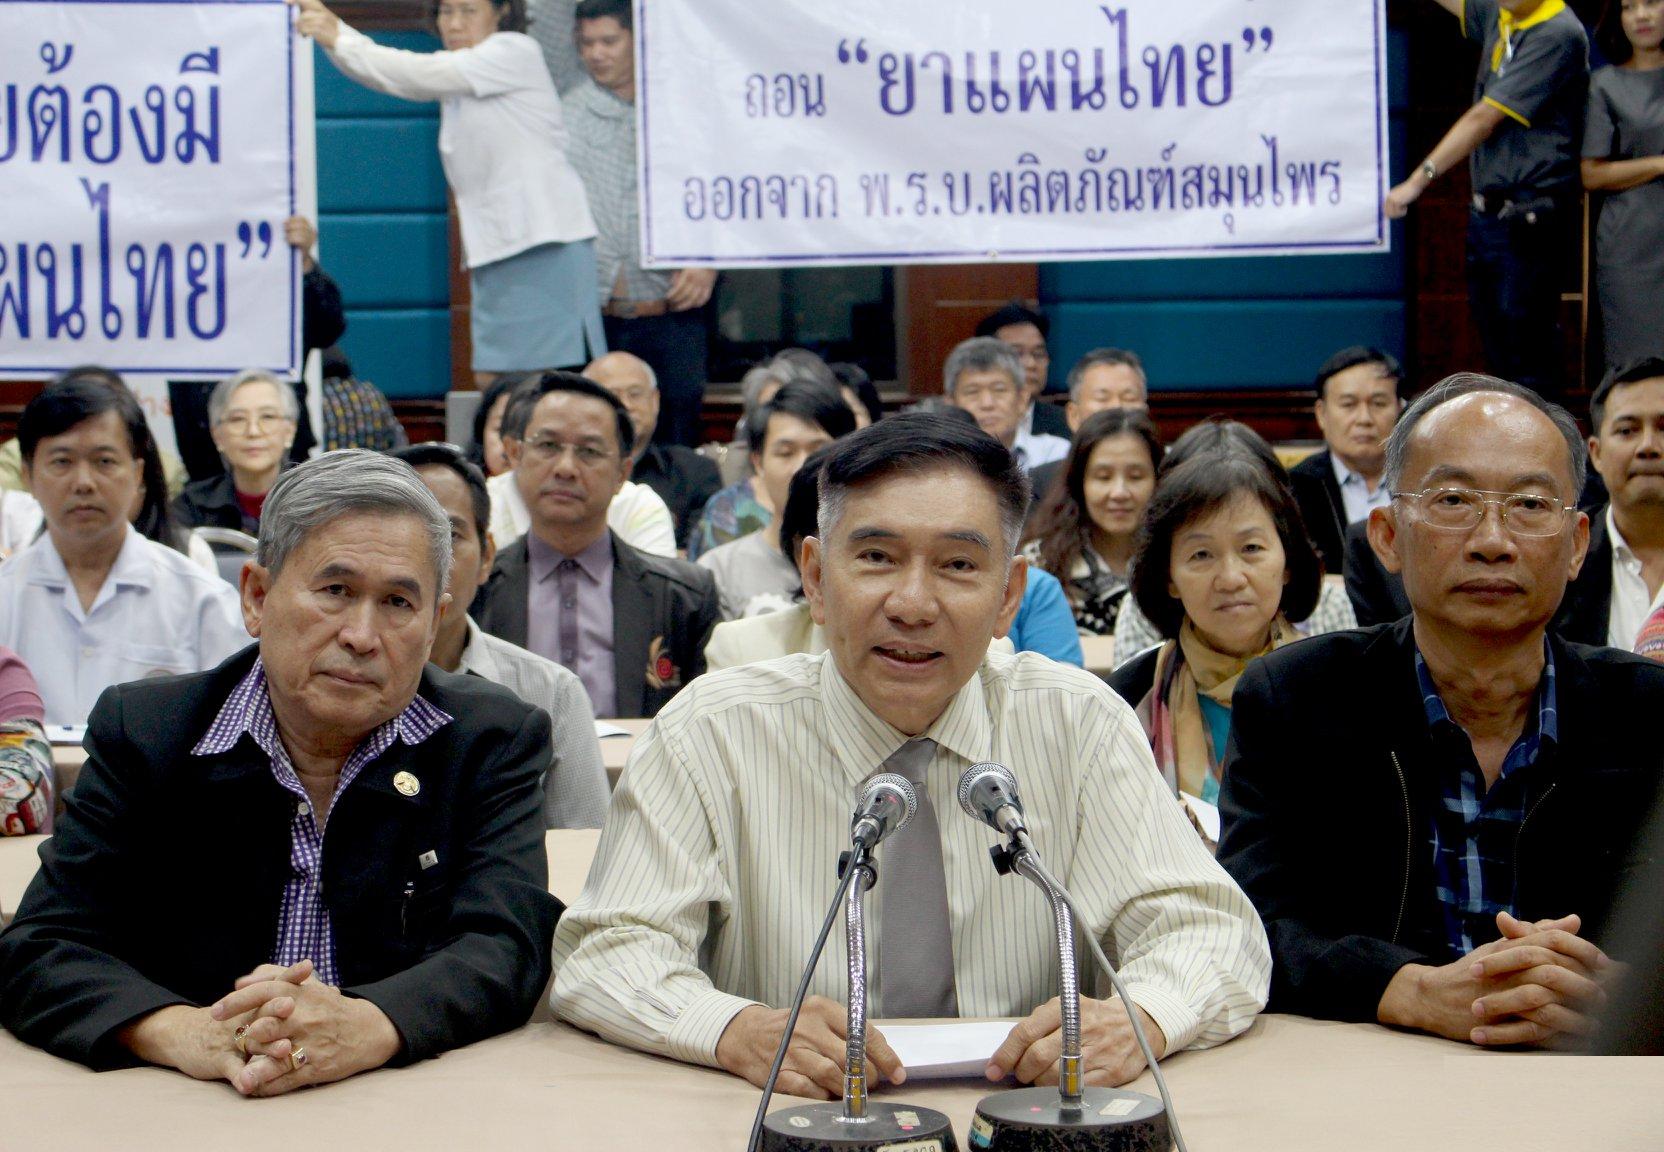 ฮือค้าน ร่าง พ.ร.บ.ผลิตภัณฑ์สมุนไพรฯ เปิดทางหมอด้านอื่นปรุงยาก้าวล่วงวิชาชีพแพทย์แผนไทย